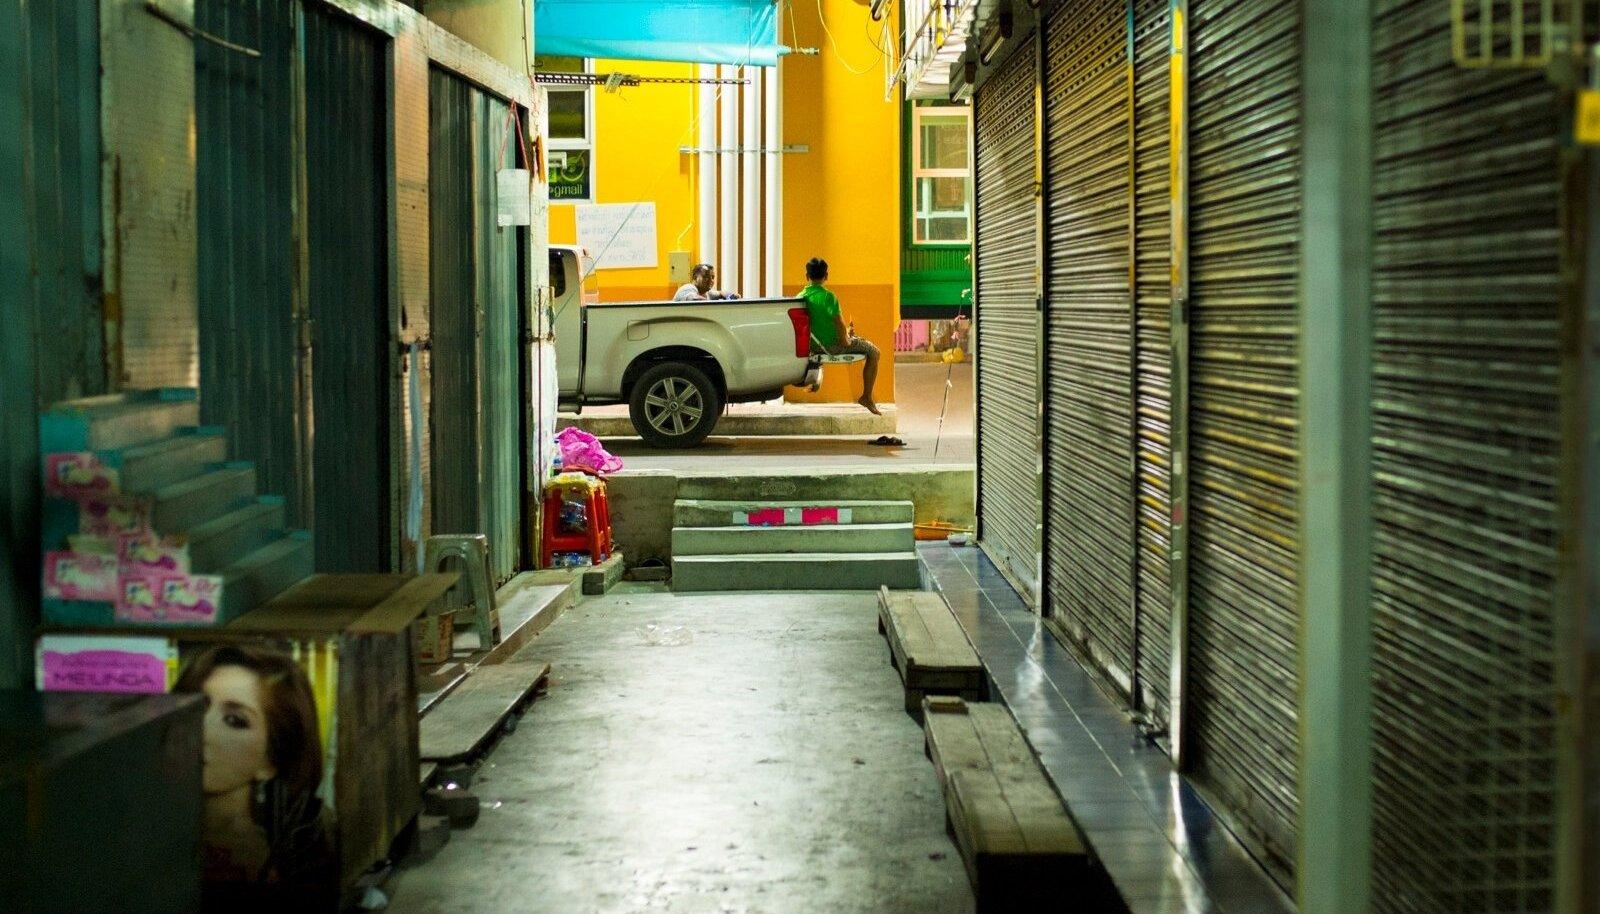 """""""Linn ei tea, mida linn saab,"""" kirjutasidBenny AnderssonjaBjörn Ulvaeusprohvetlikult juba 1985. aastal muusikali """"Chess"""" laulu """"One Night In Bangkok"""" sõnu luues. Viimased aastad on pealtnäha värviline ja muretuBangkok astunud suletuse ja keeldude poole. Kas uue kuningaga tuleb rohkem pidusid või rohkem uusi keelde?"""